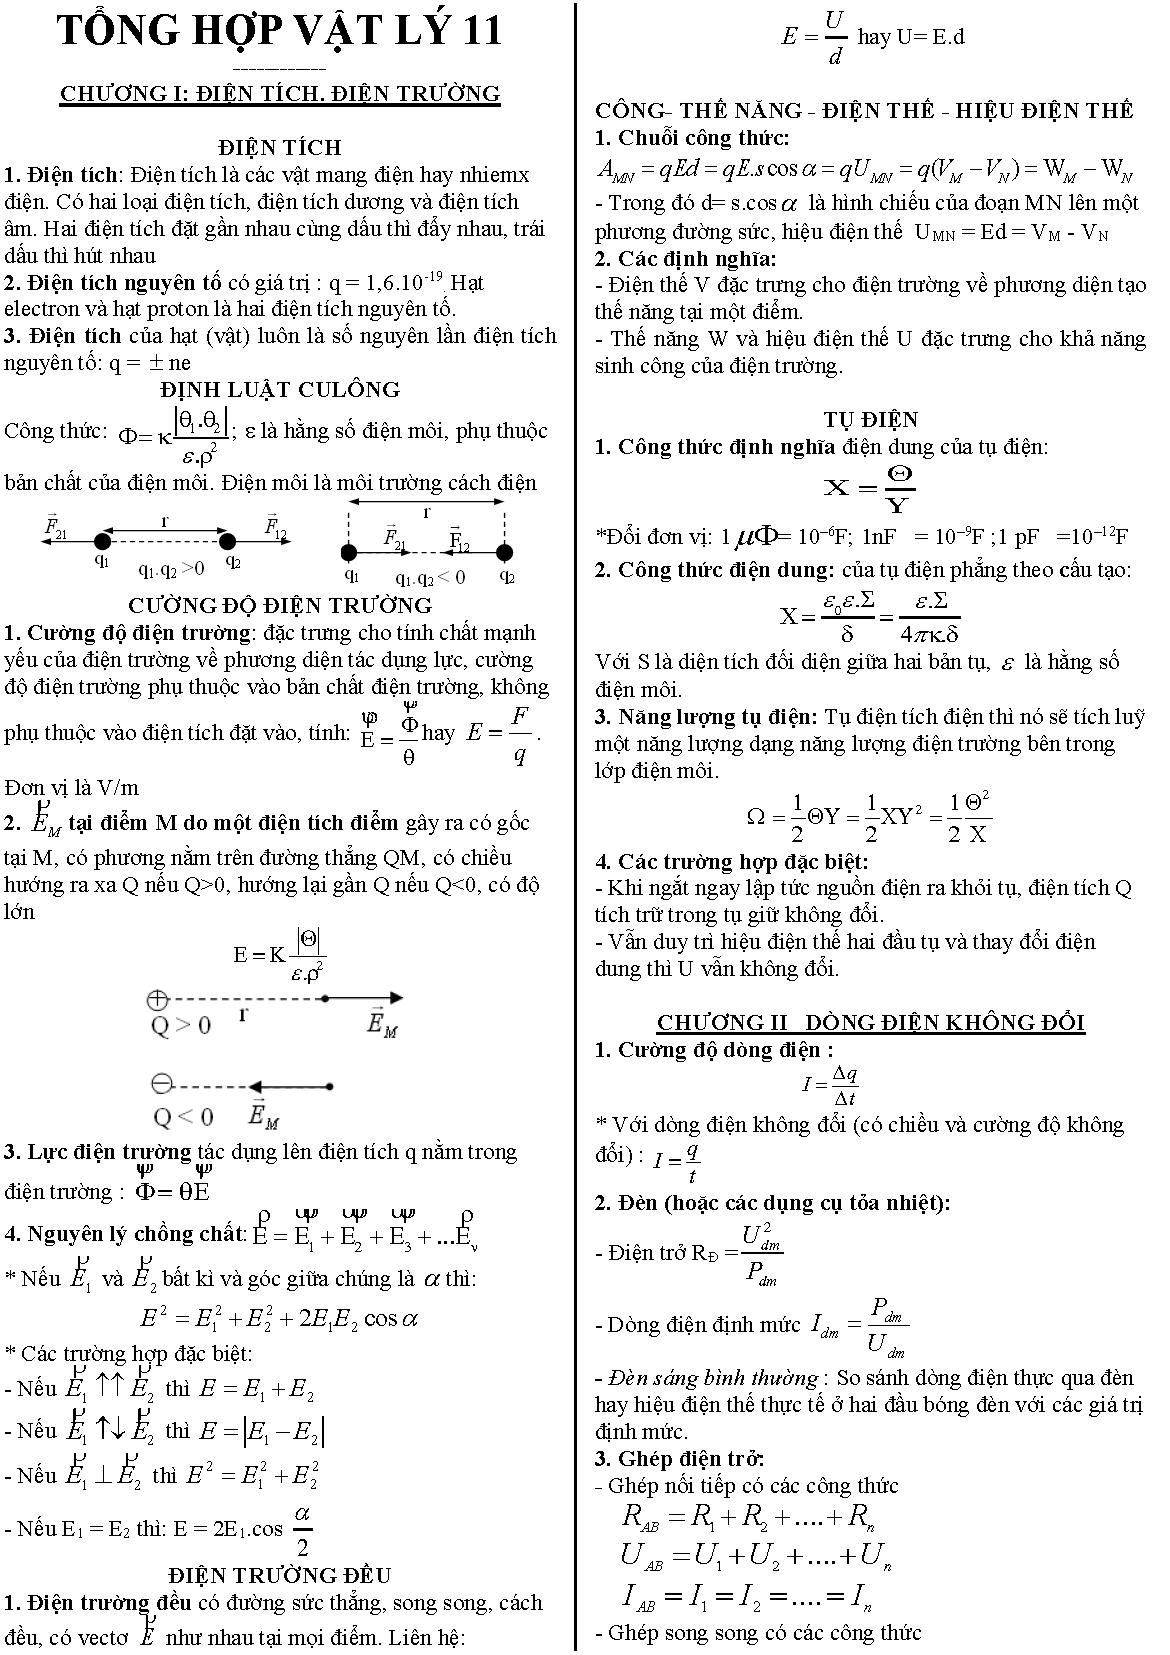 Công thức vật lý 11 nâng cao